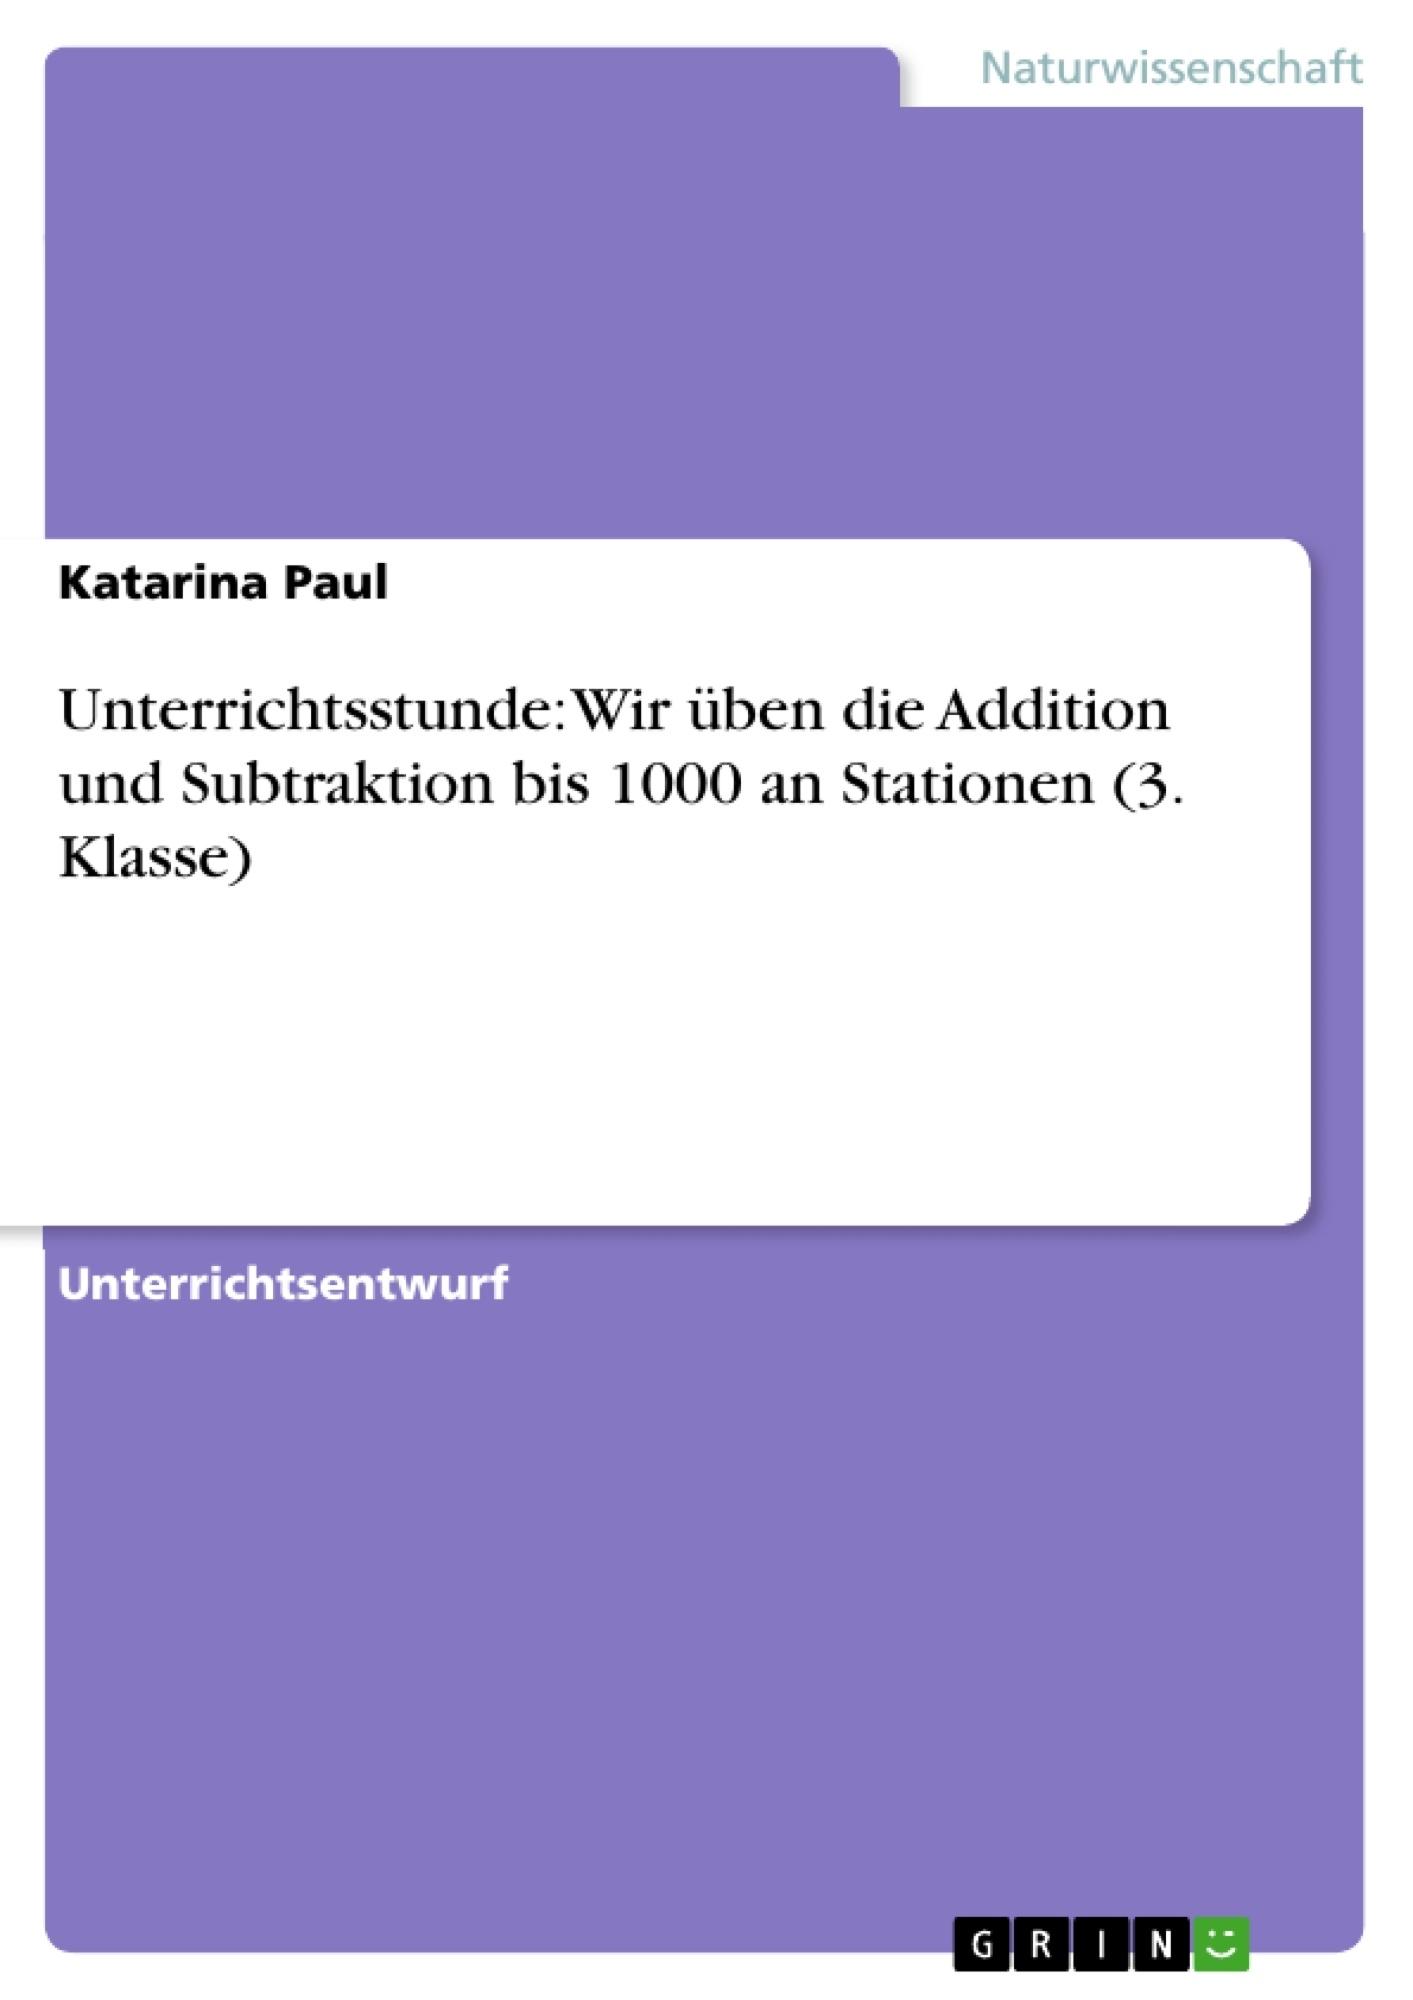 Titel: Unterrichtsstunde: Wir üben die Addition und Subtraktion bis 1000 an Stationen (3. Klasse)